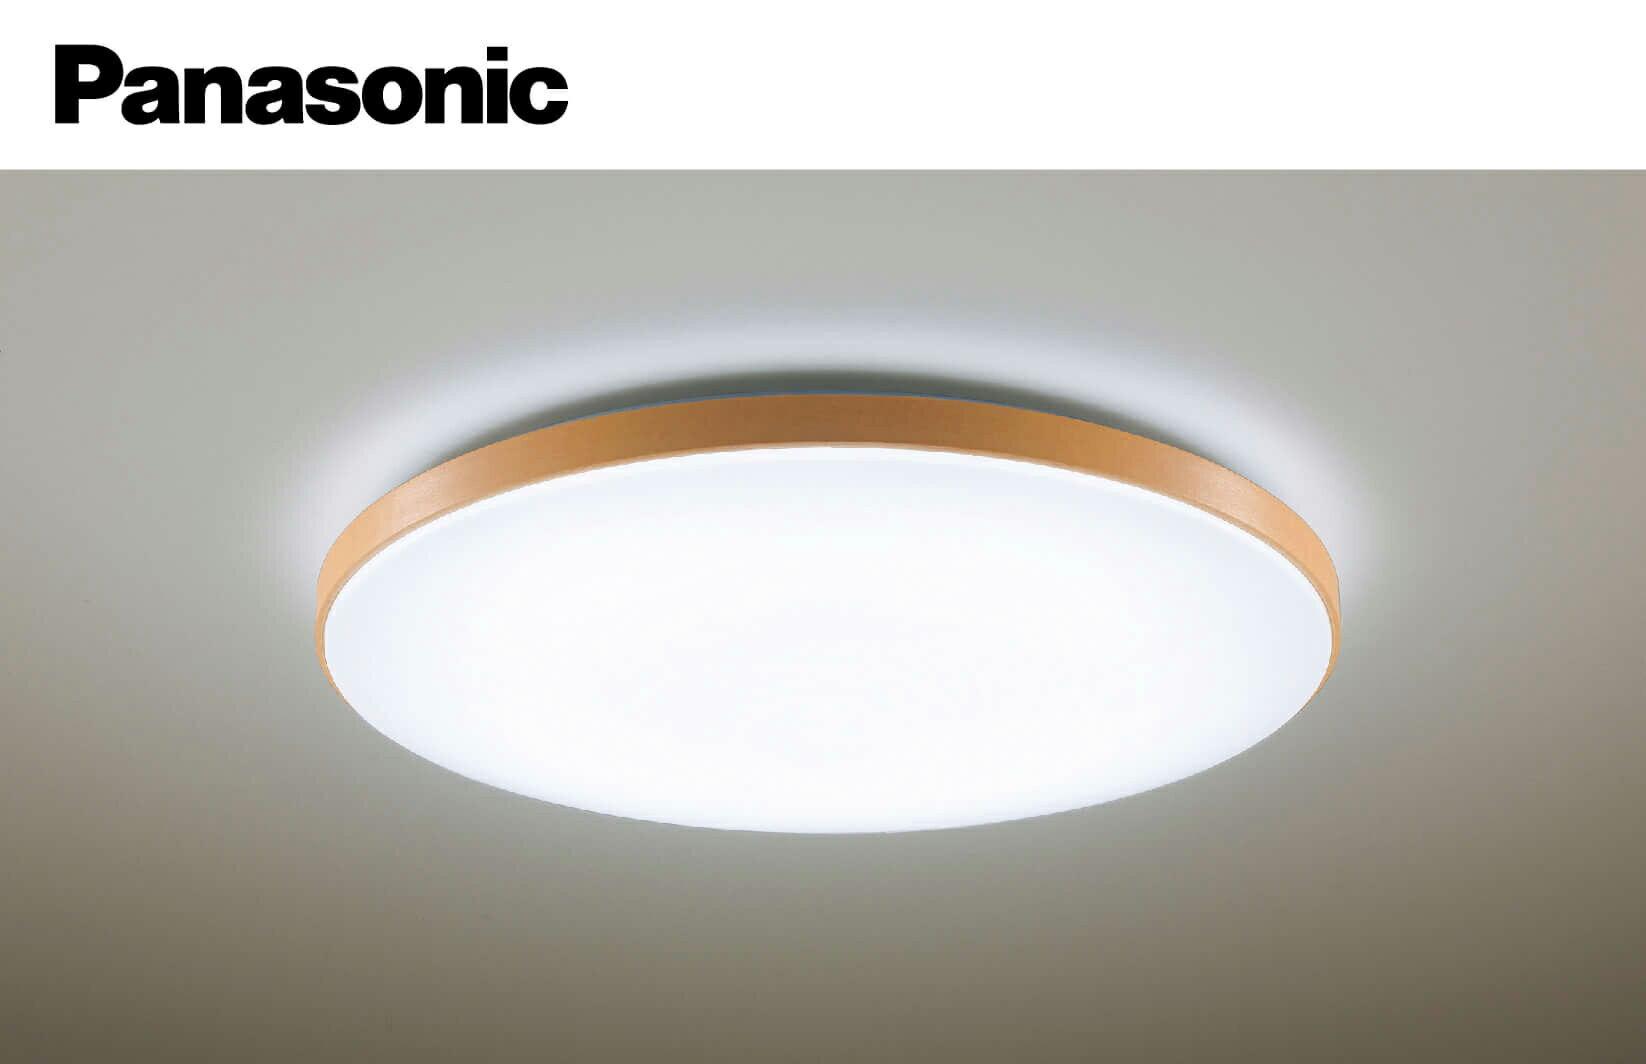 2018新款 國際牌LED(第三代)32.7W調光調色遙控燈-仿橡木邊框頂燈-HH-LAZ5047209 原廠公司貨